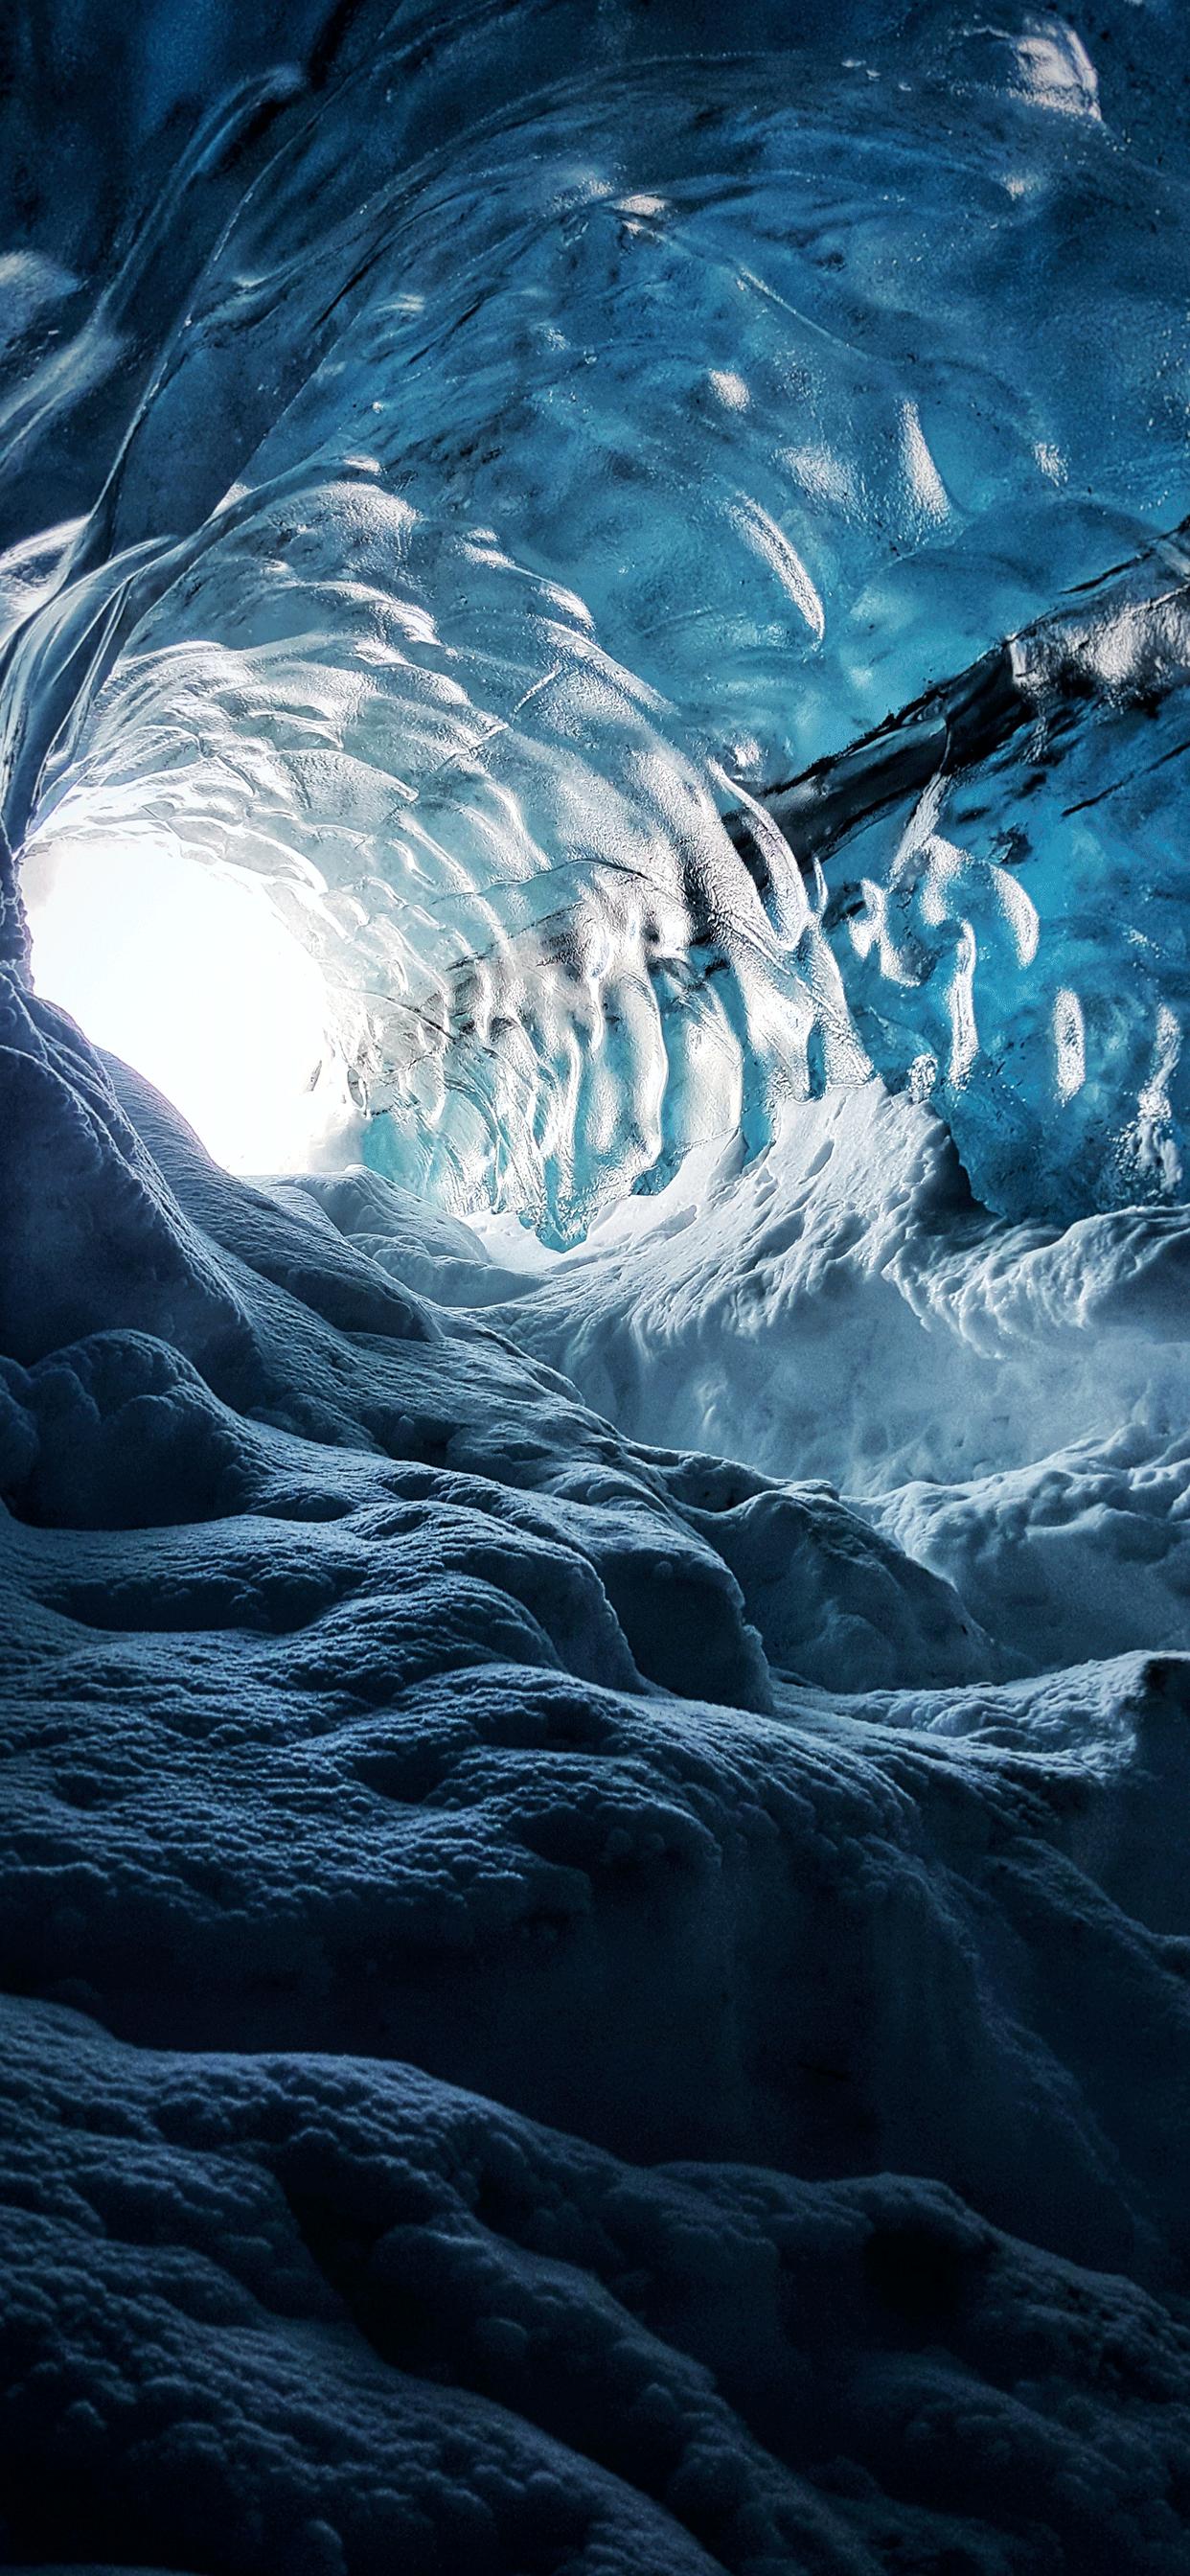 iPhone wallpapers cave ice Fonds d'écran iPhone du 22/05/2019